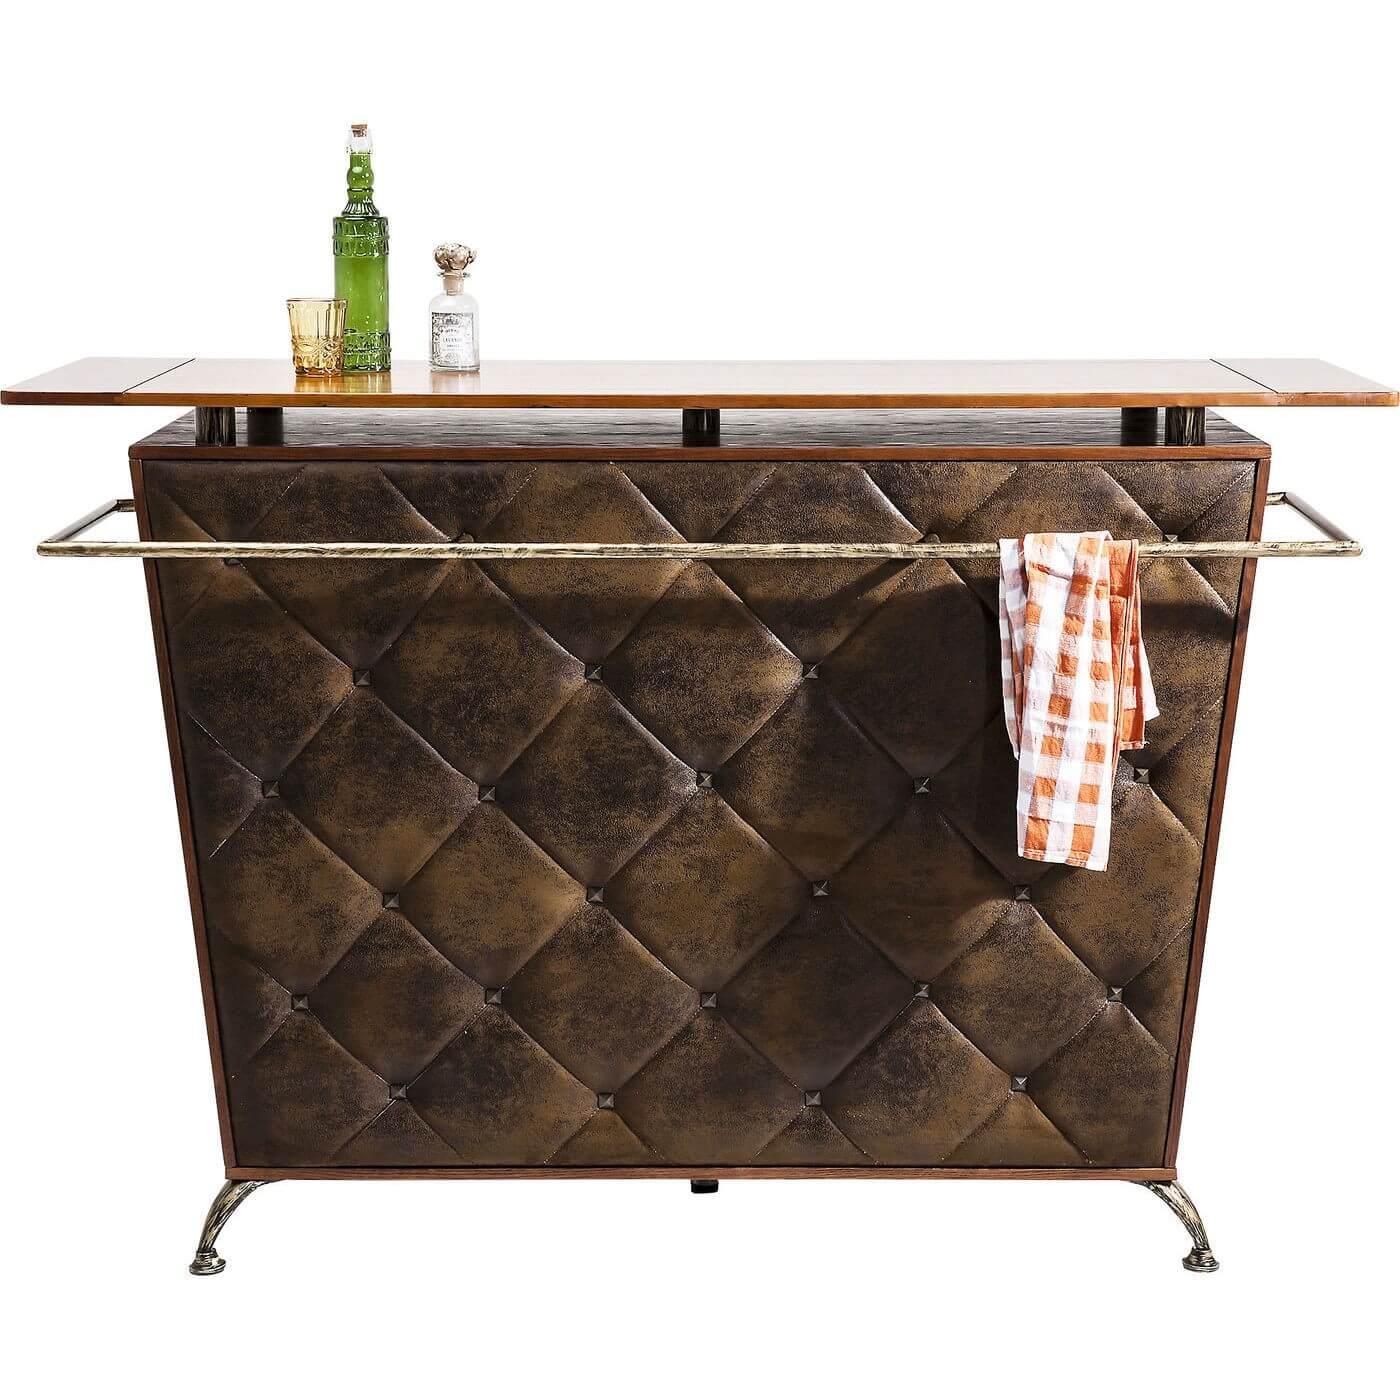 kare design – Kare design lady rock deluxe vintage barskab - brunt polyester/natur birk og stål fra boboonline.dk